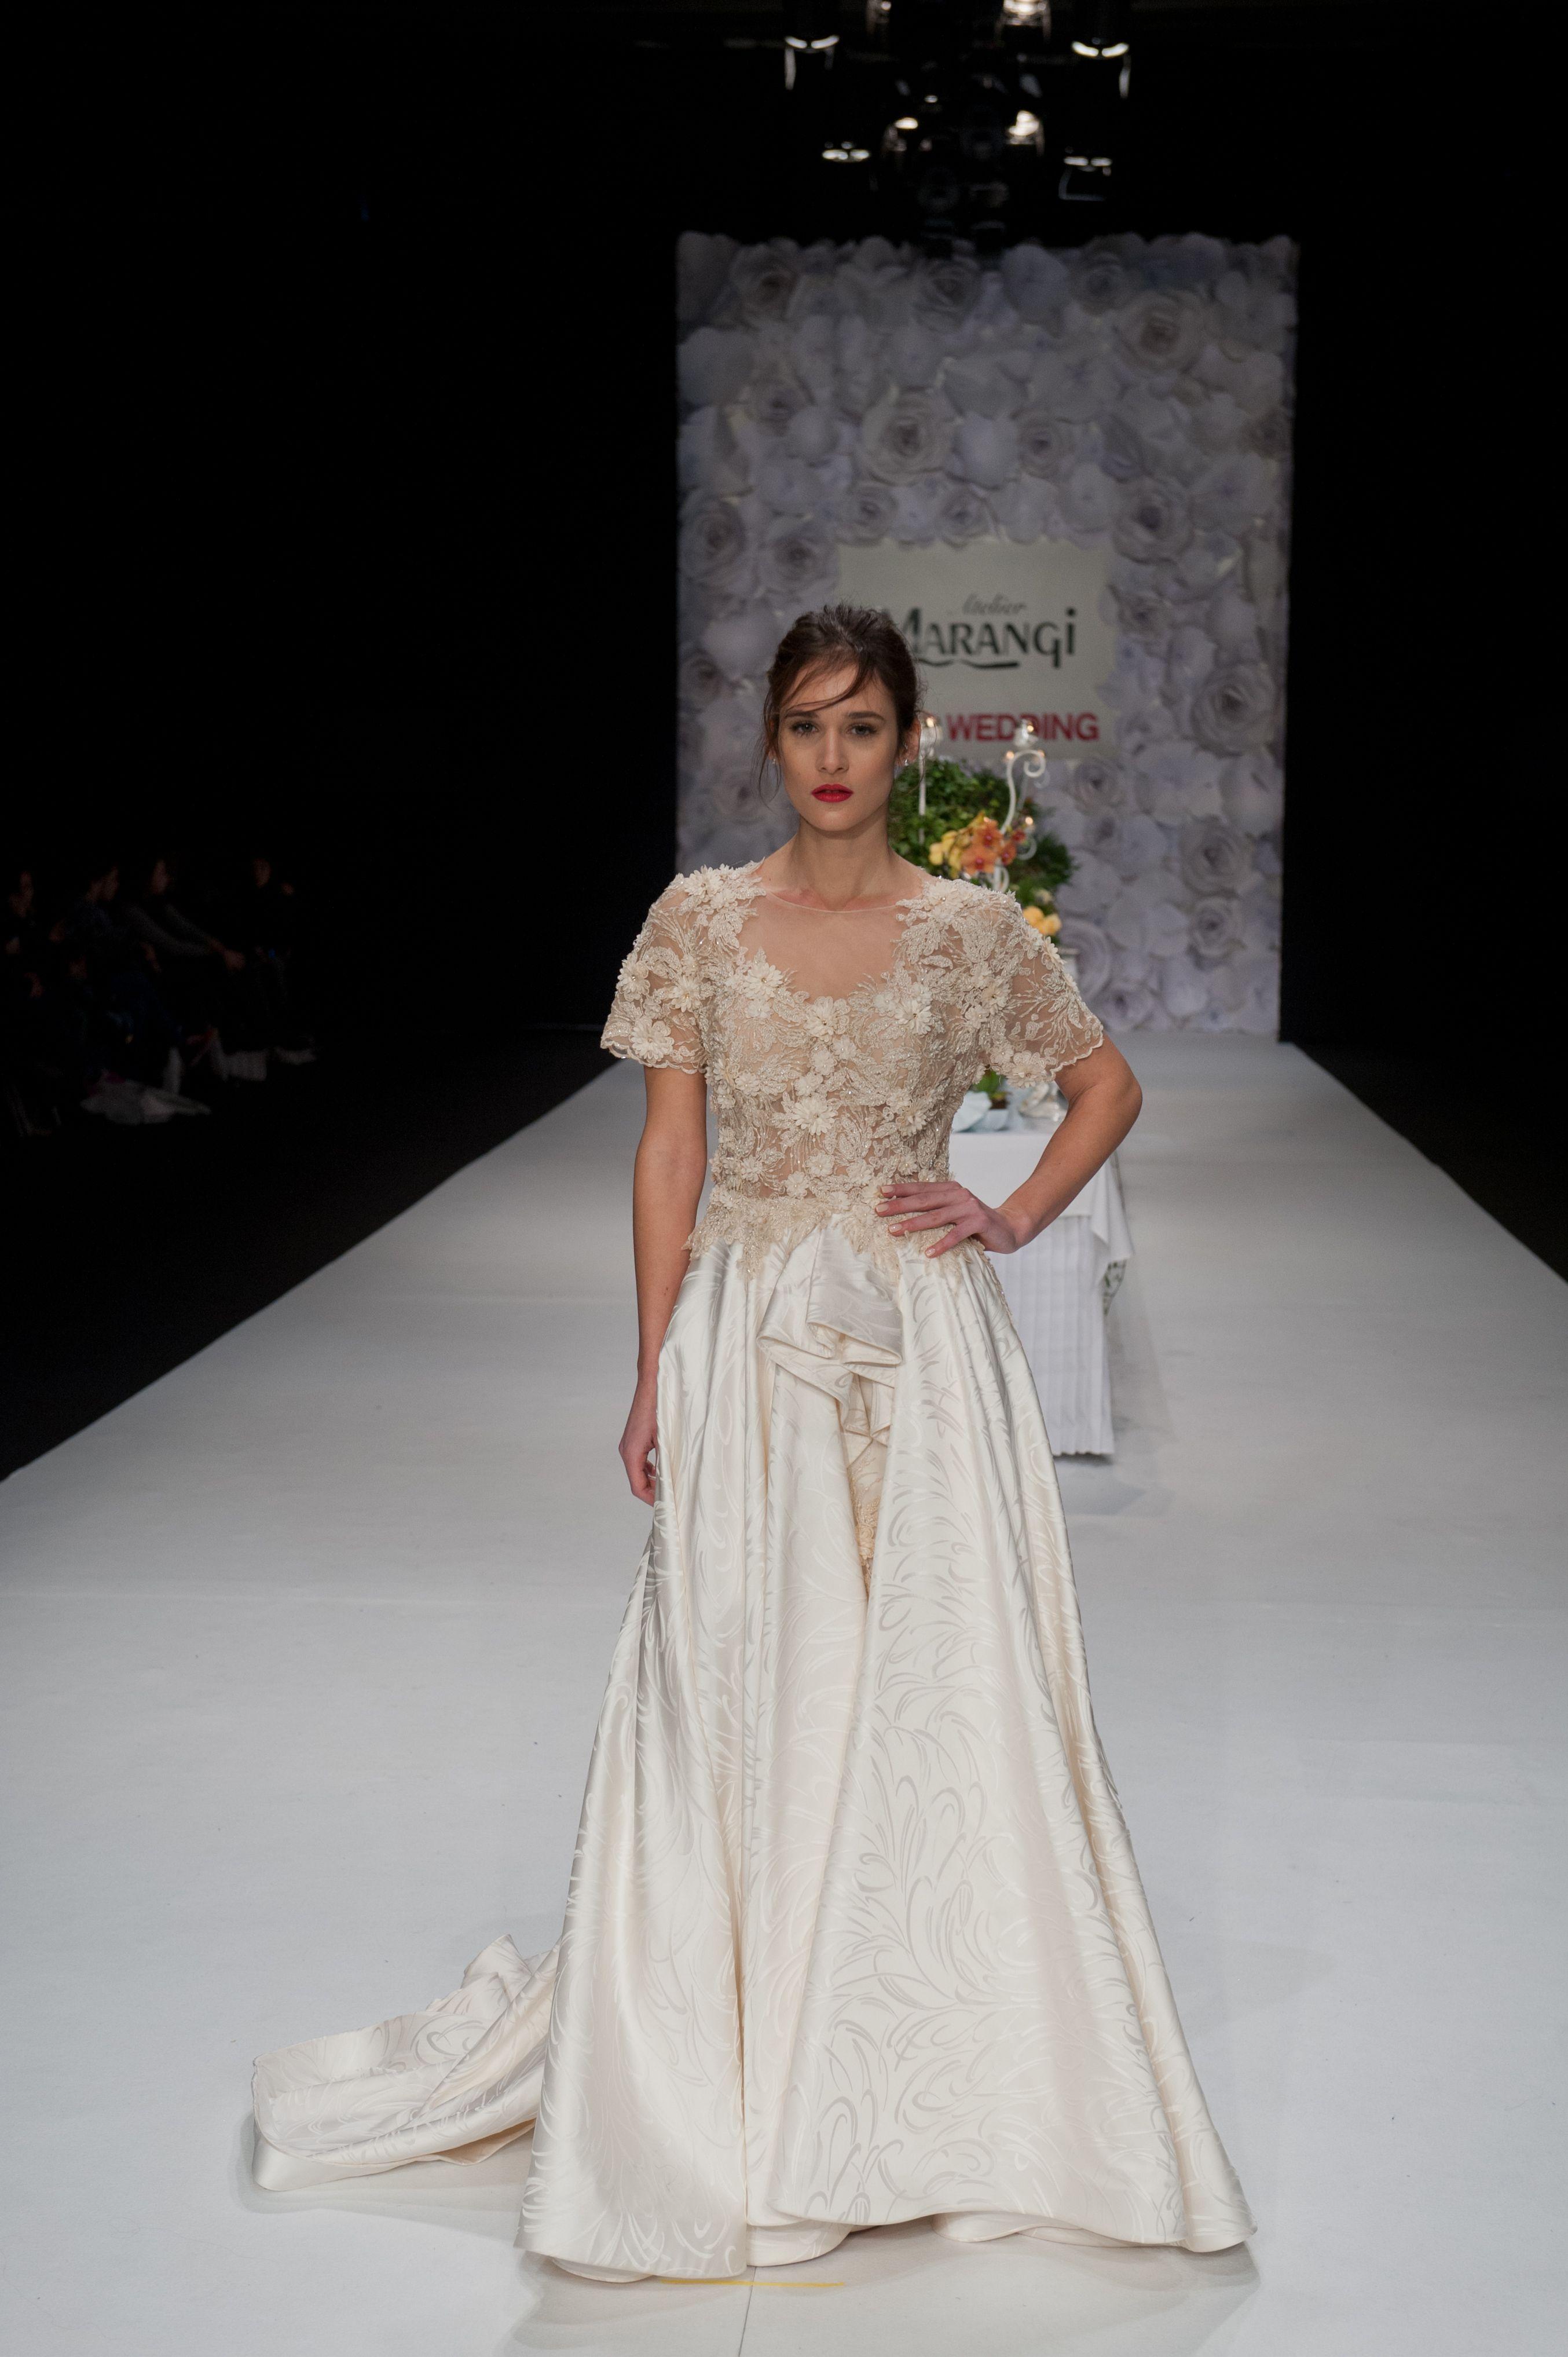 Νυφικό Φόρεμα Γοργονέ